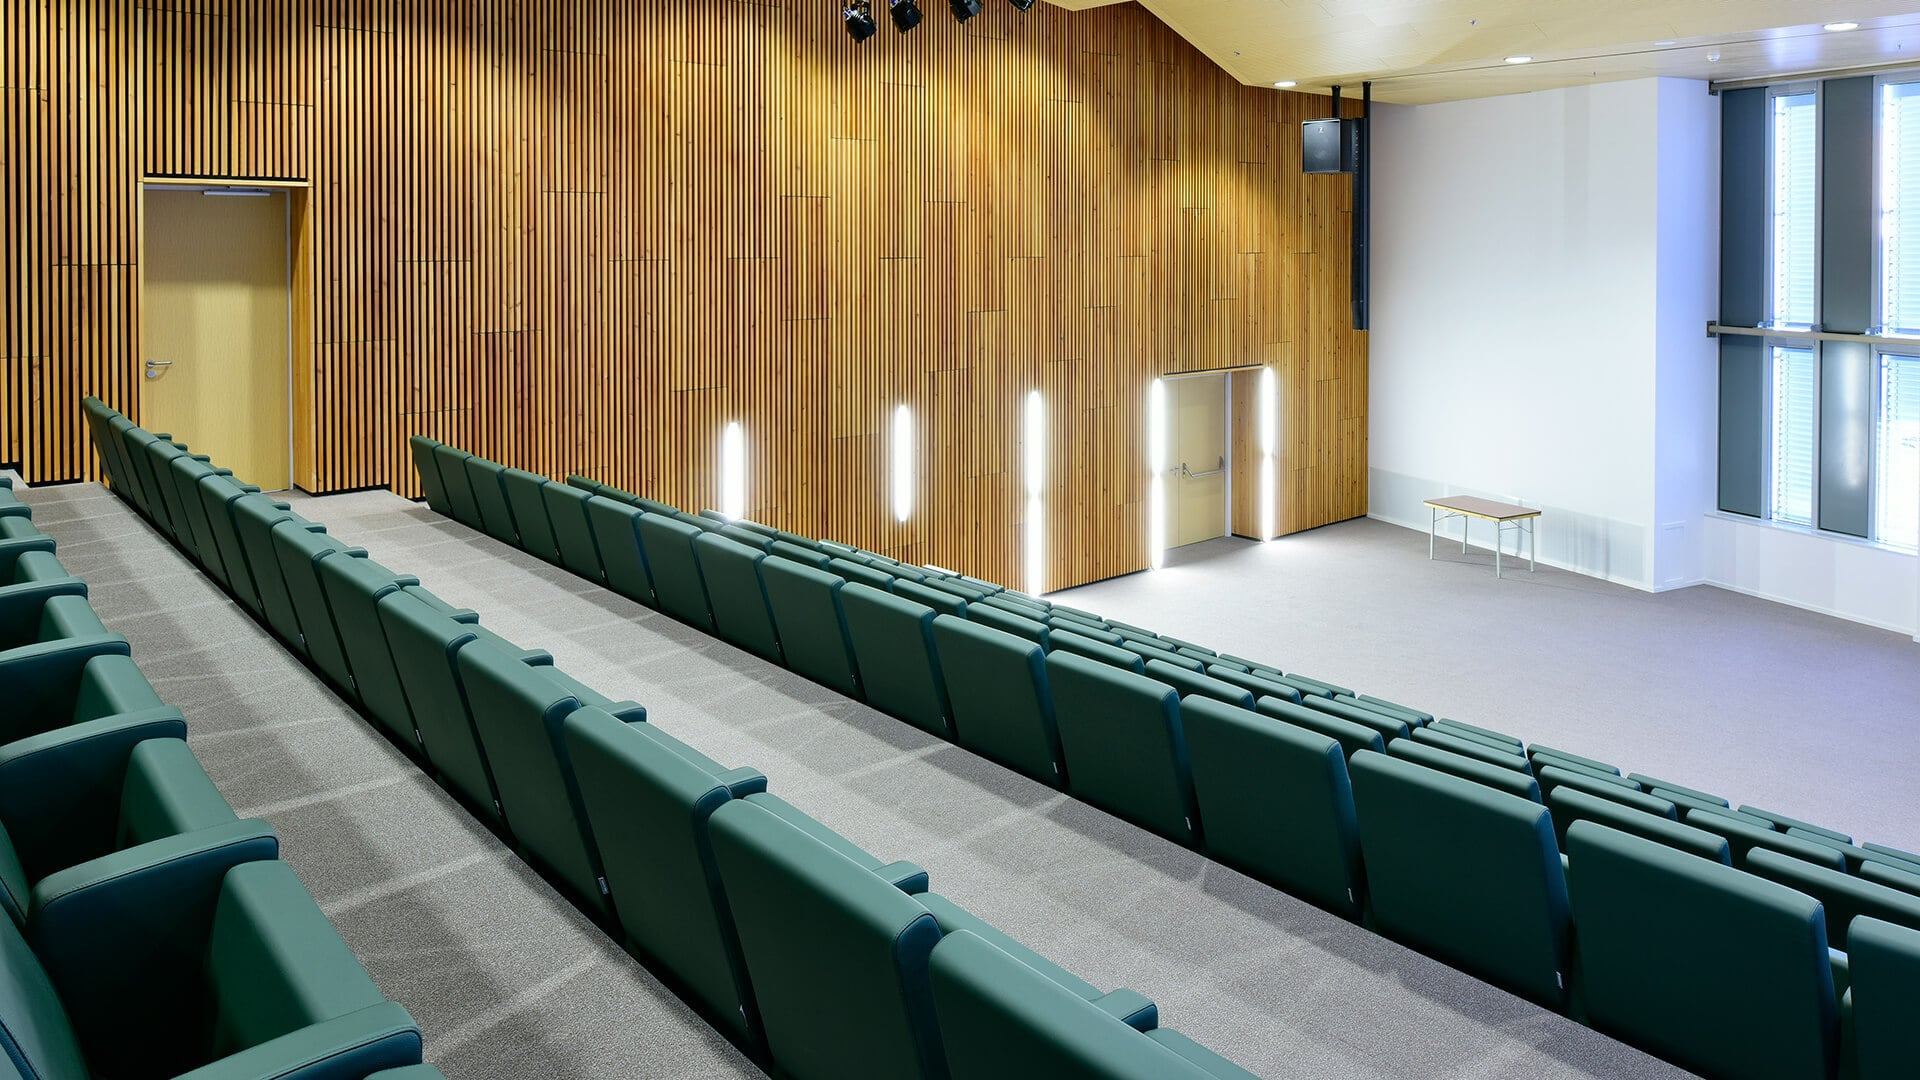 Medisch Spectrum Twente M100 armchairs by LAMM 3